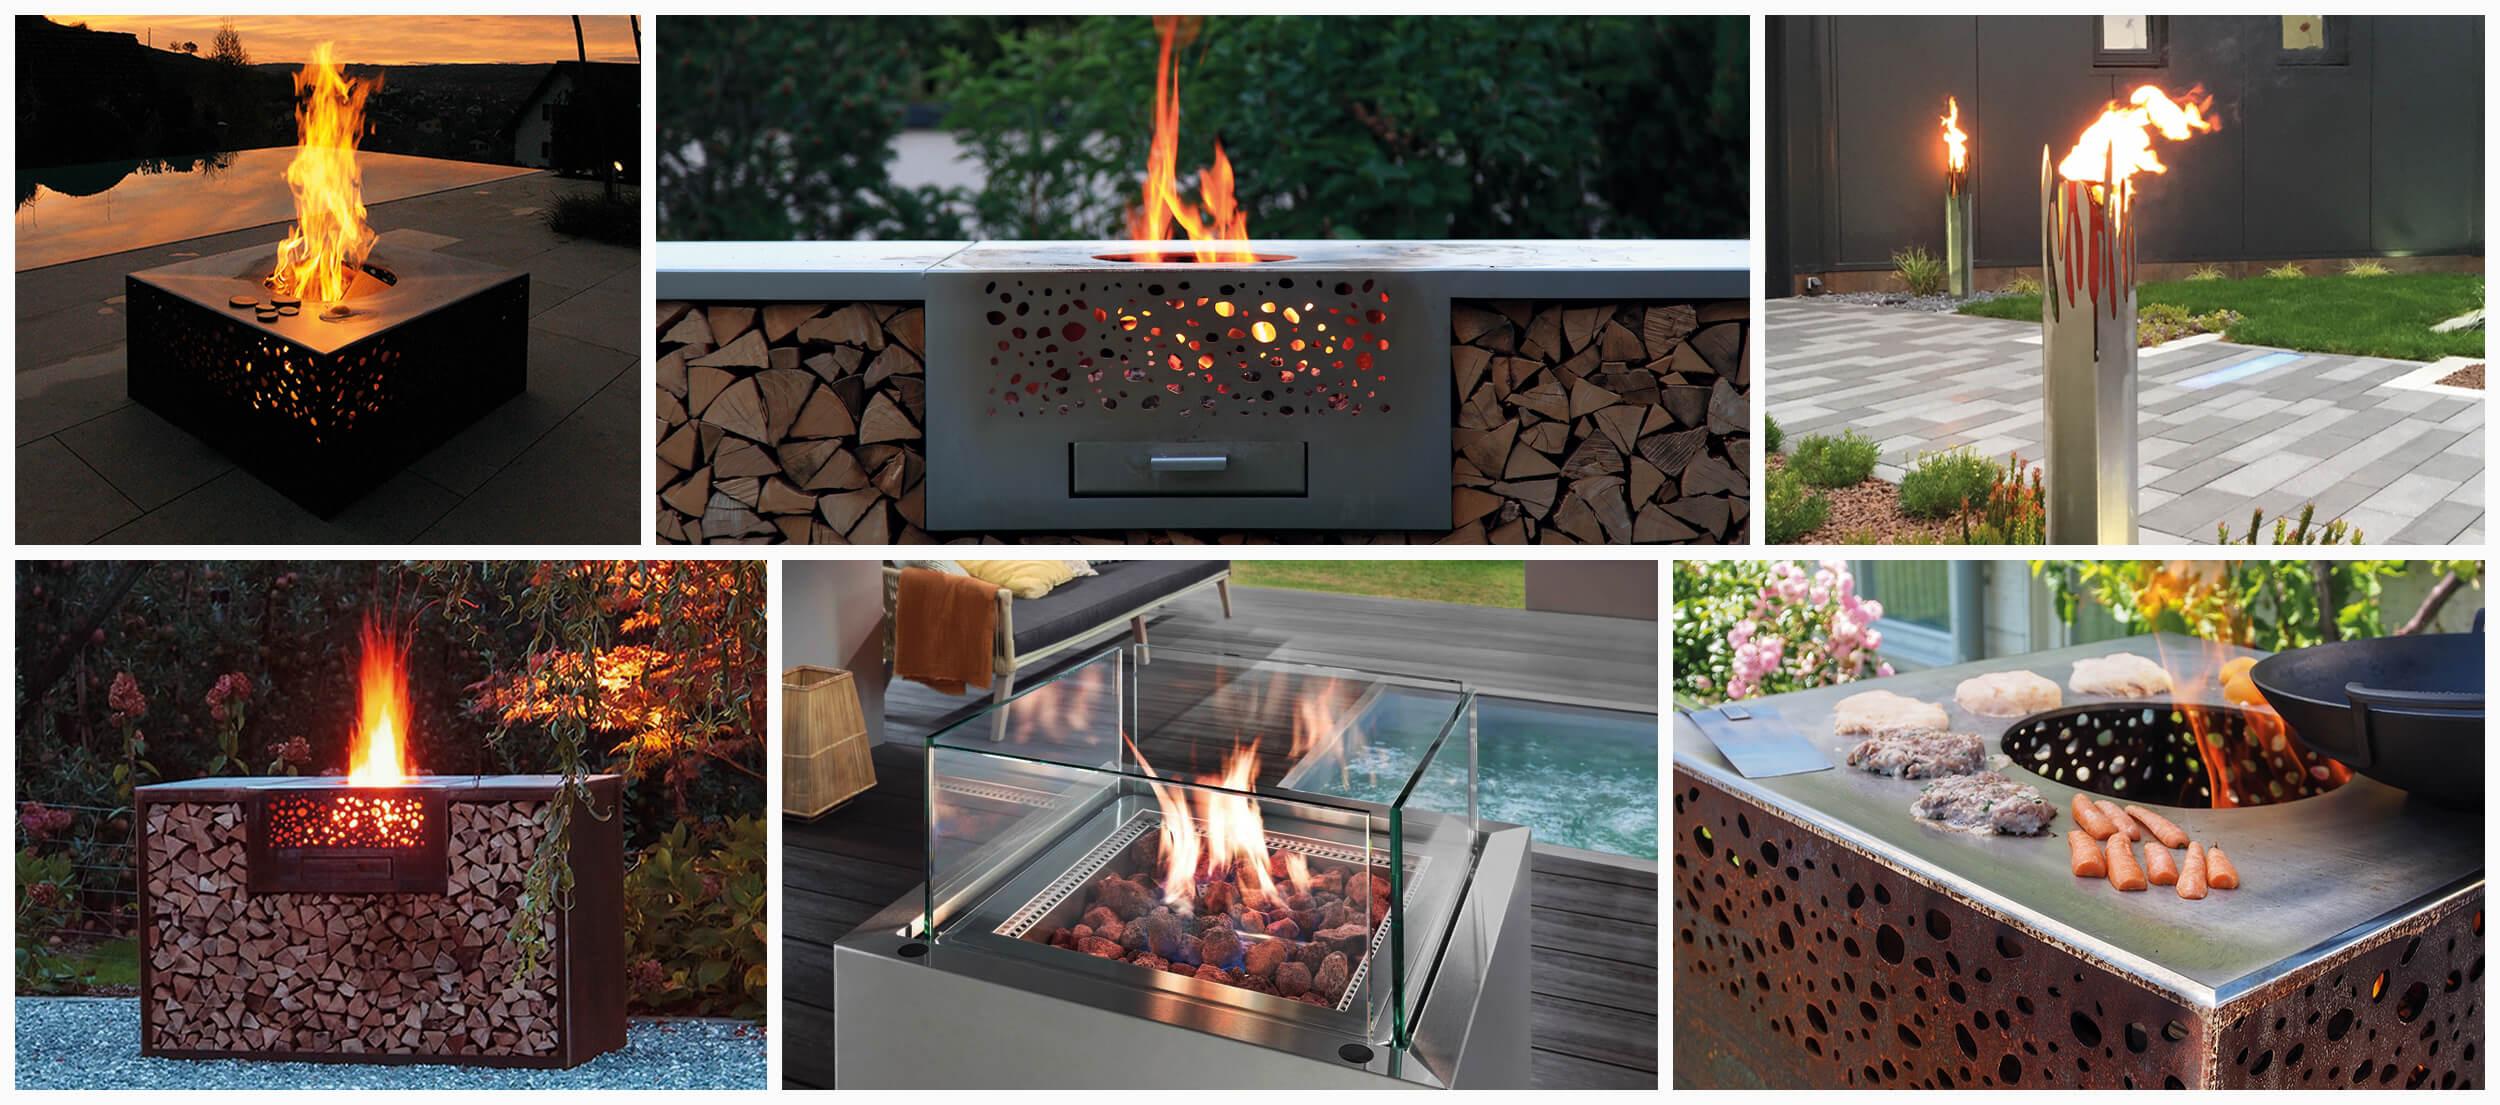 Feuerstelle Garten Collage